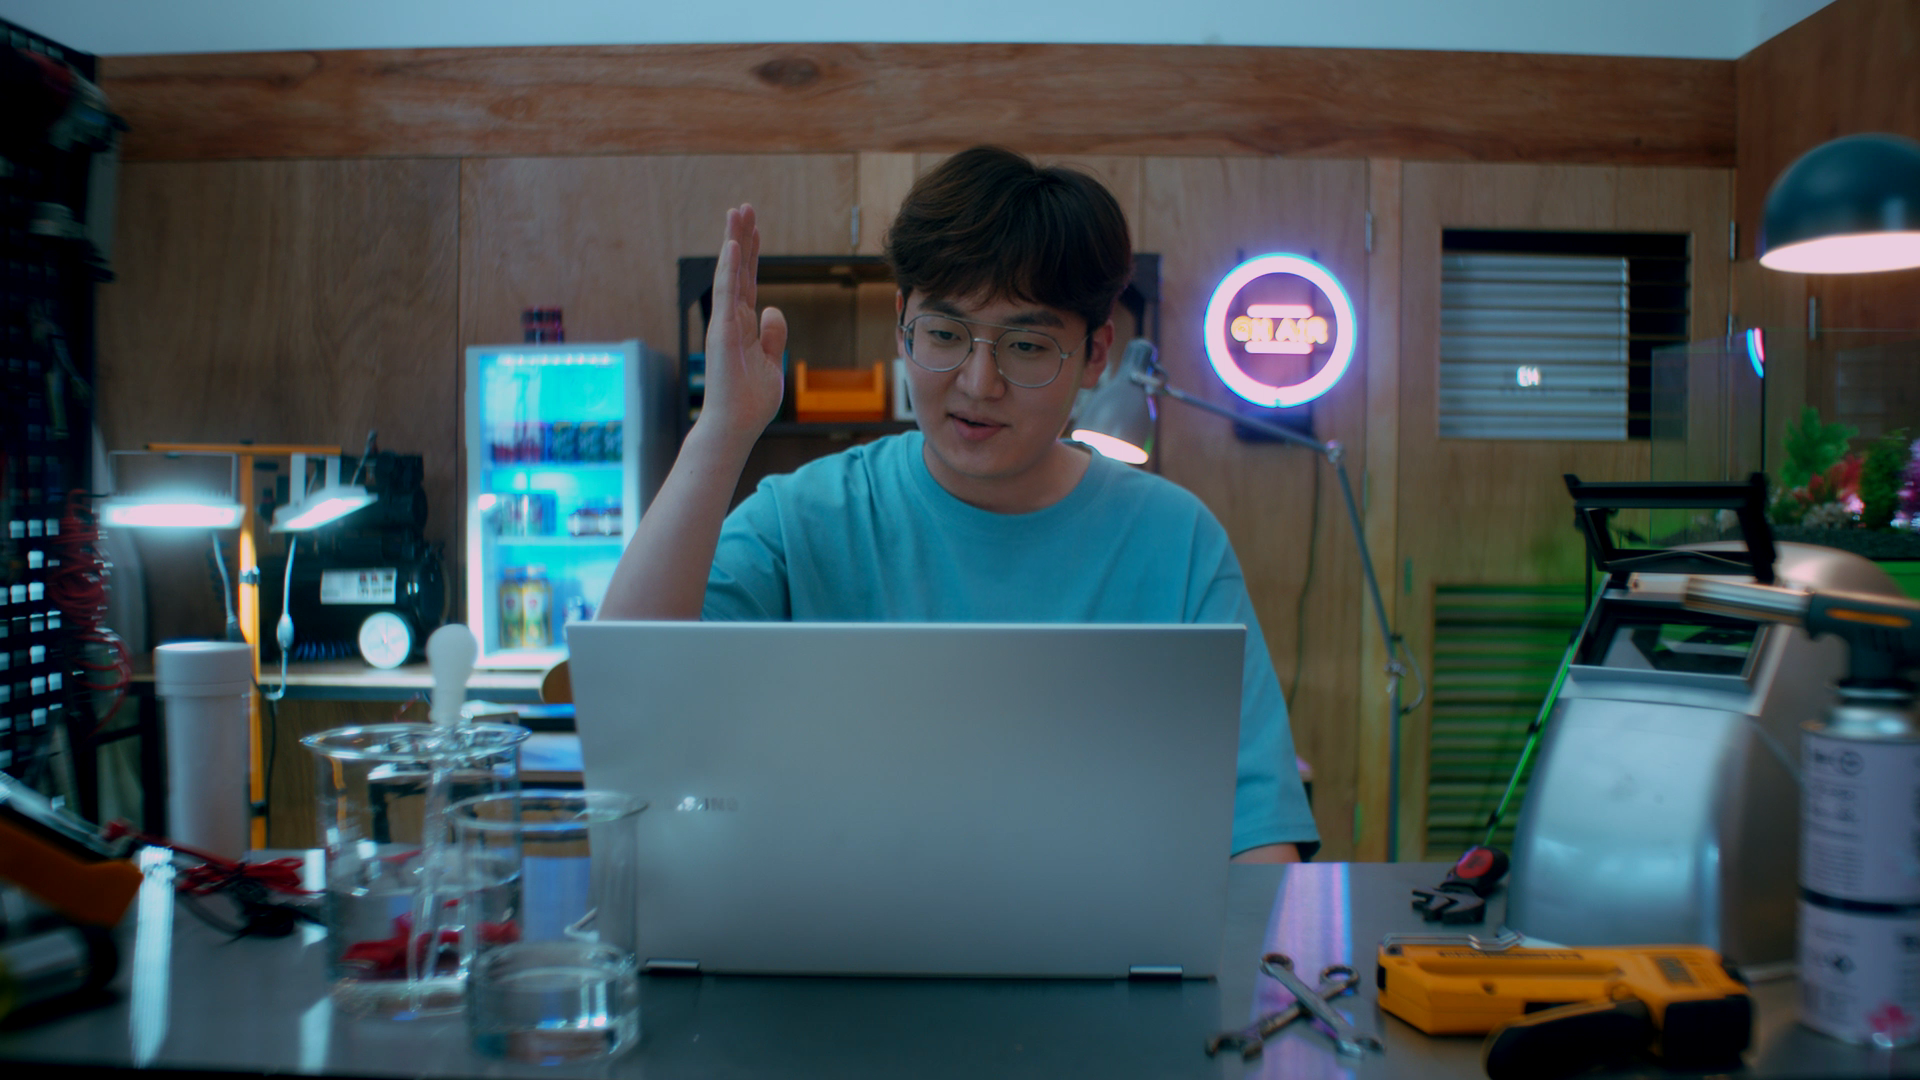 SKT, SK텔레콤, 선배발람회, 공돌이용달, 유튜버